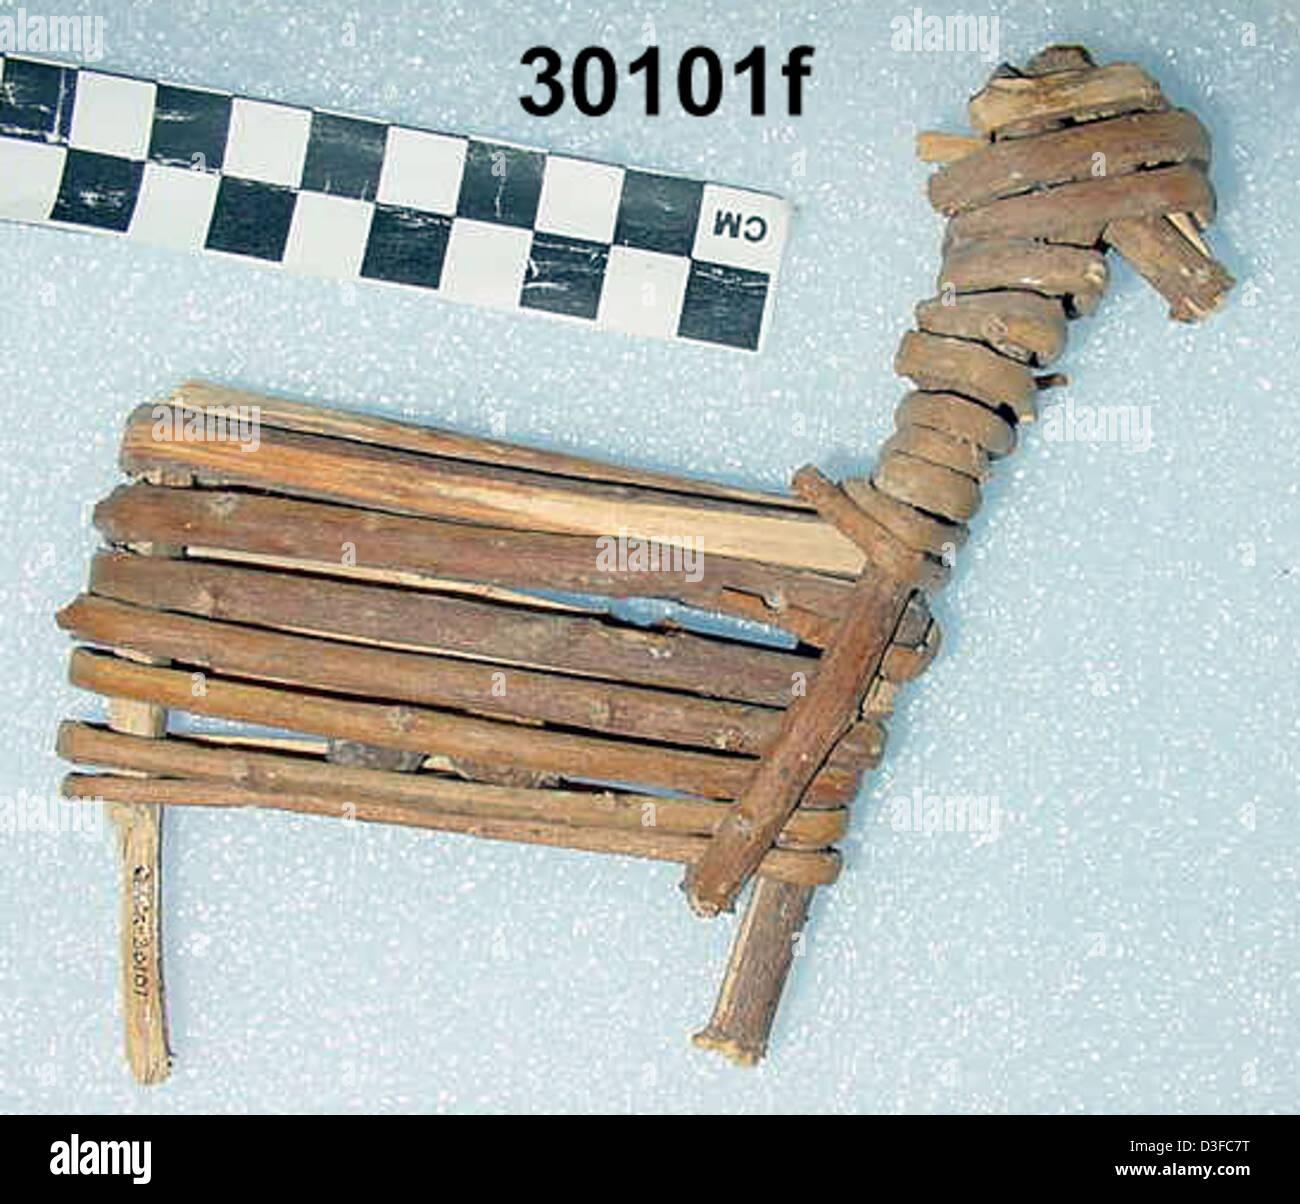 Split-Twig Figurine GRCA_30101f - Stock Image